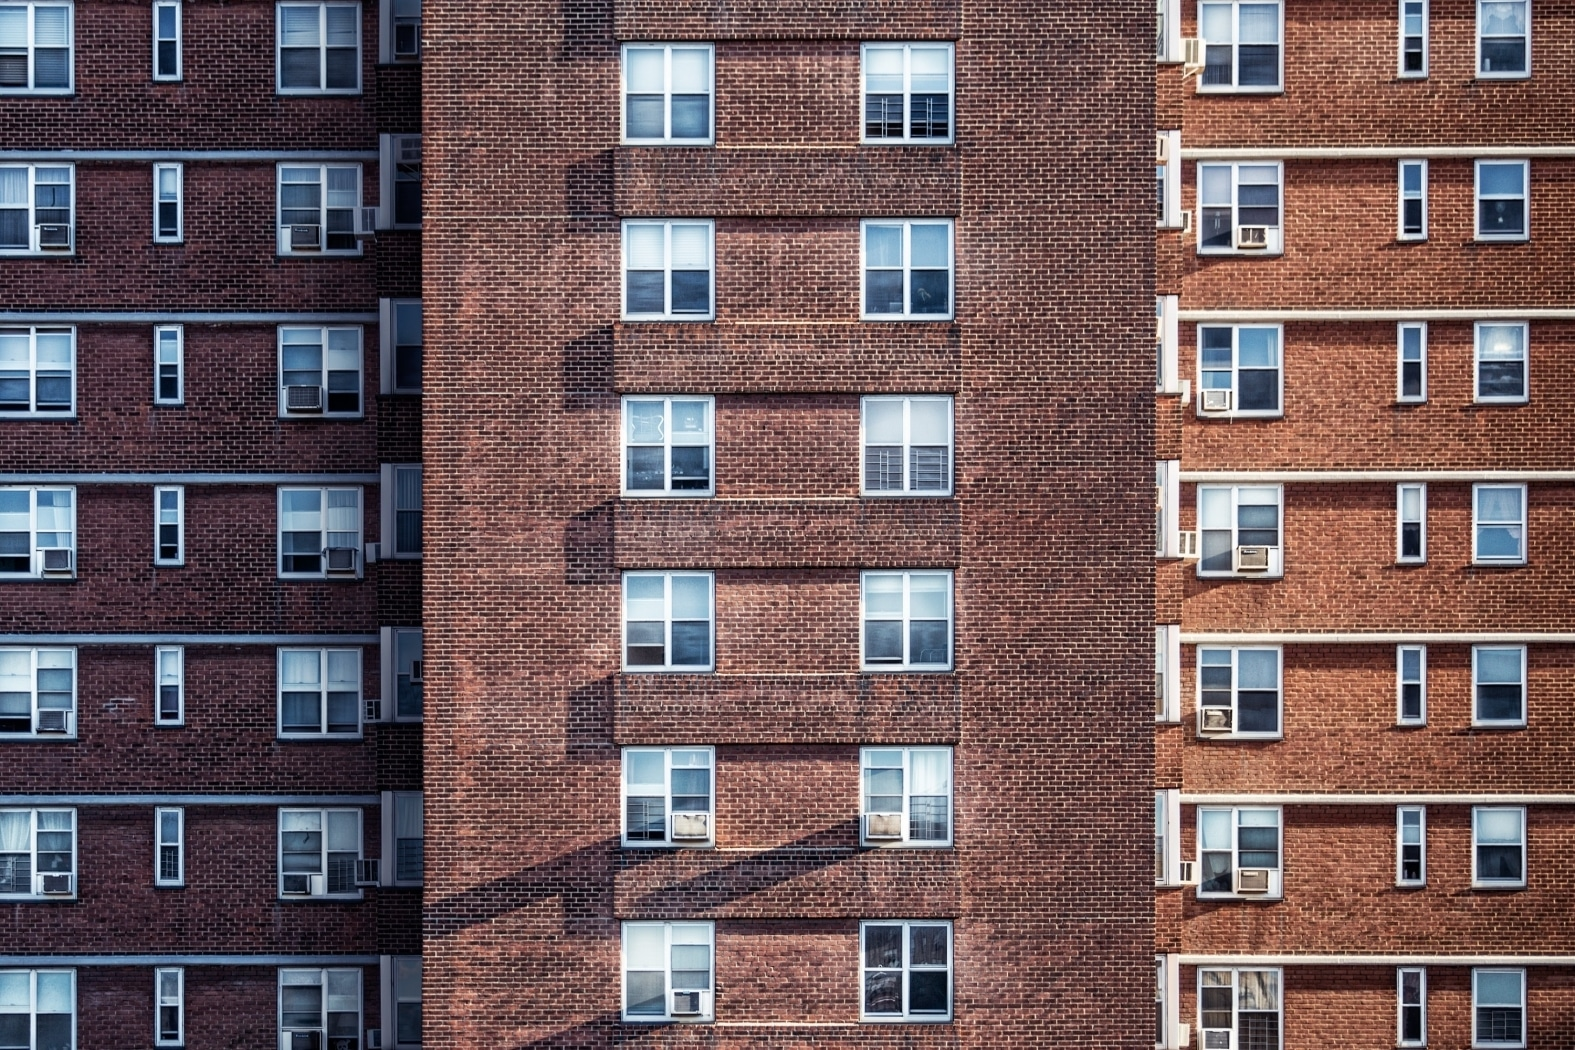 Ist ein lebenslanges Wohnrecht als Mieter wirklich lebenslang?